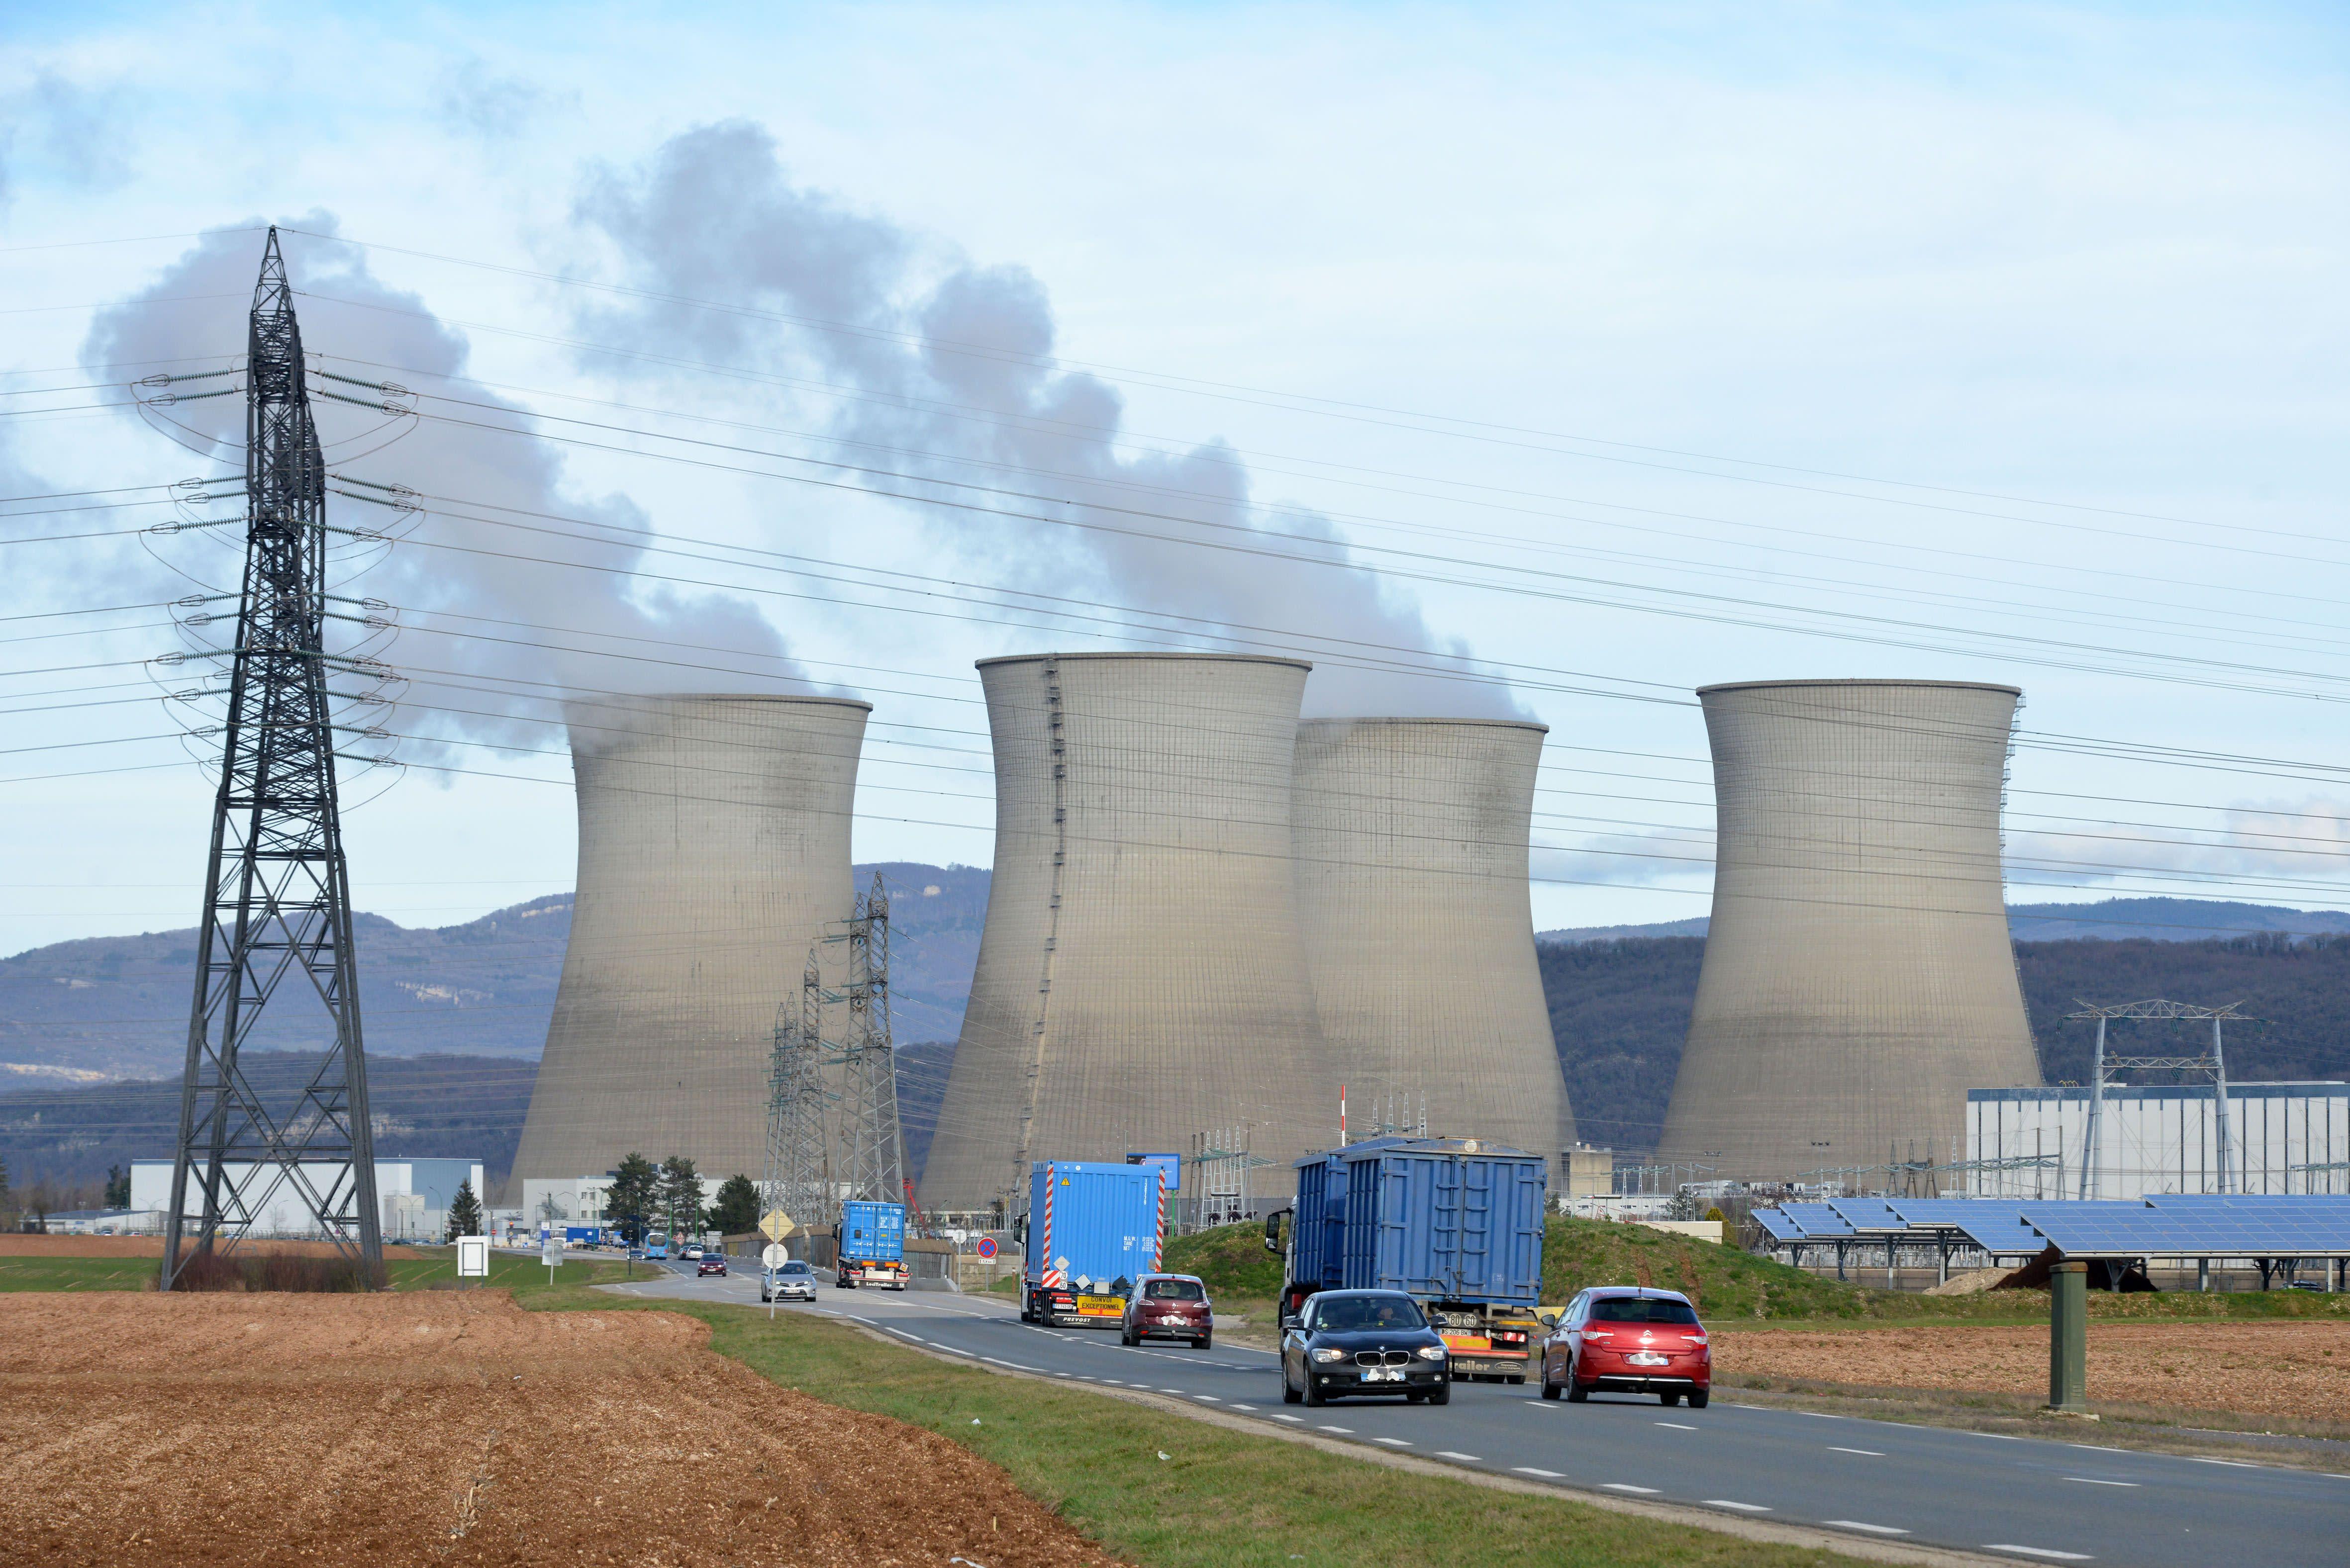 Que faut-il retenir du rapport de RTE qui prévoit une neutralité carbone en 2050?